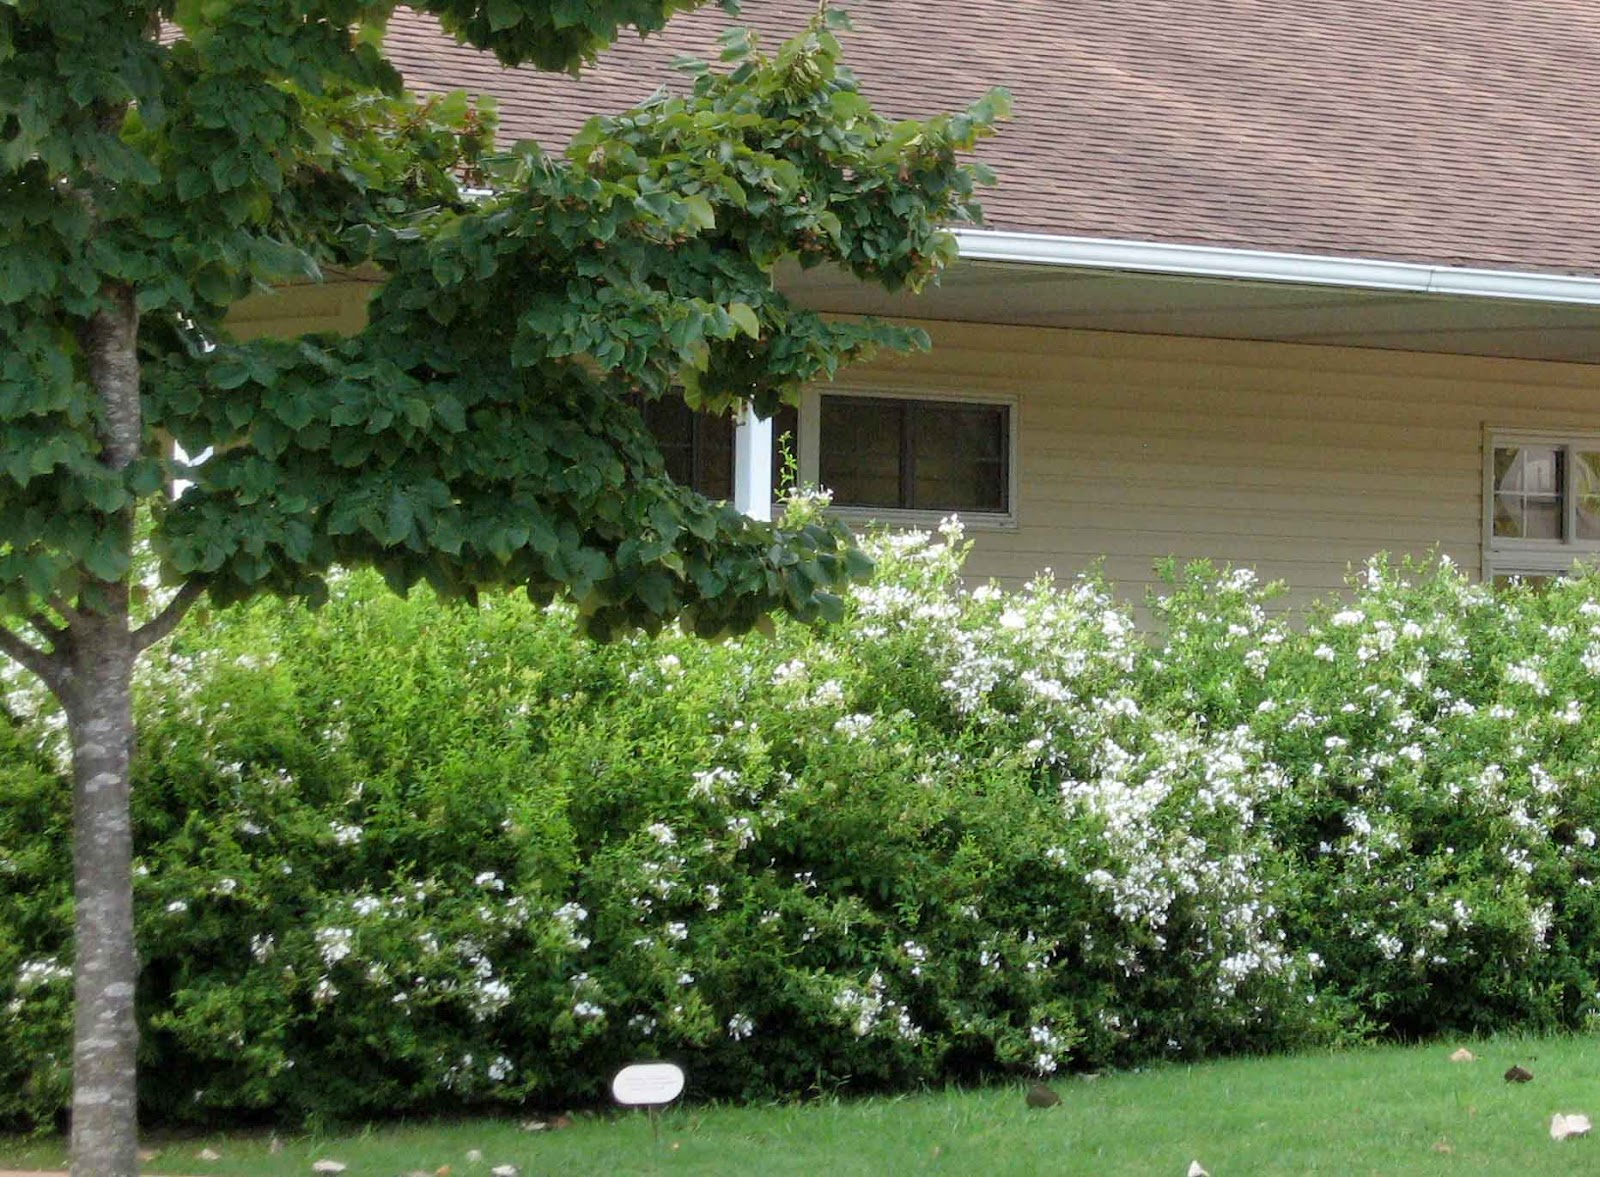 Arbustos de jardin con flor stunning arbustos de jardin con flor with arbustos de jardin con Arbustos de jardin